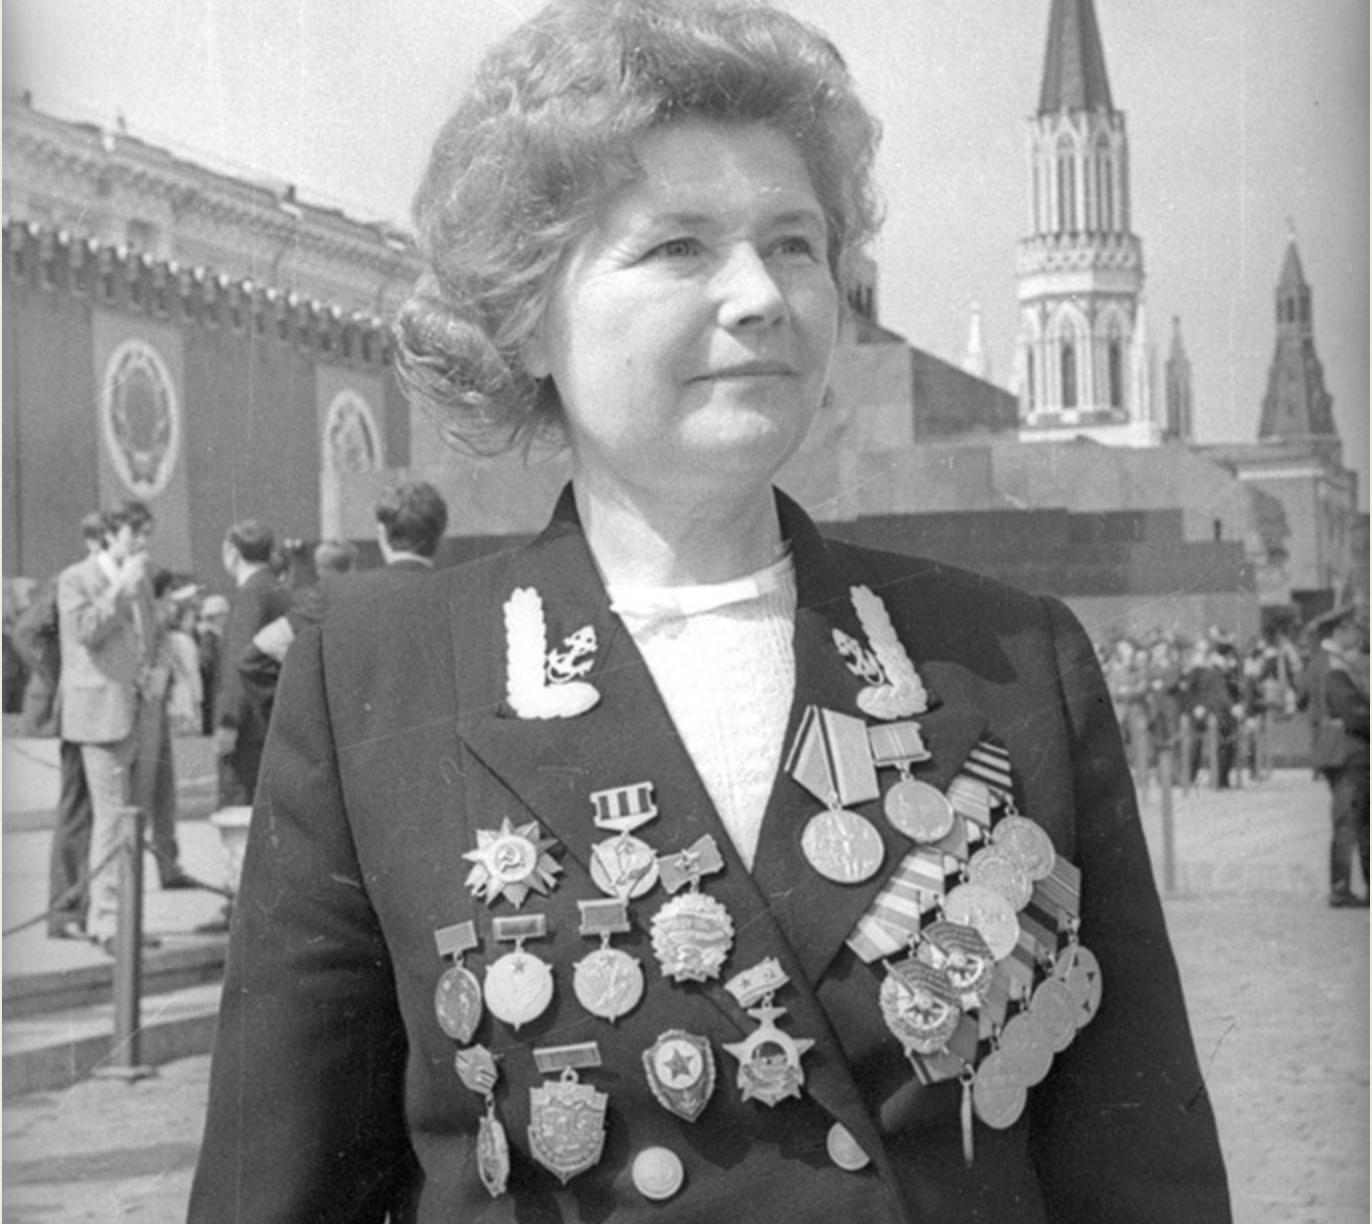 Junakinja Sovjetske zveze Jekaterina Djomina